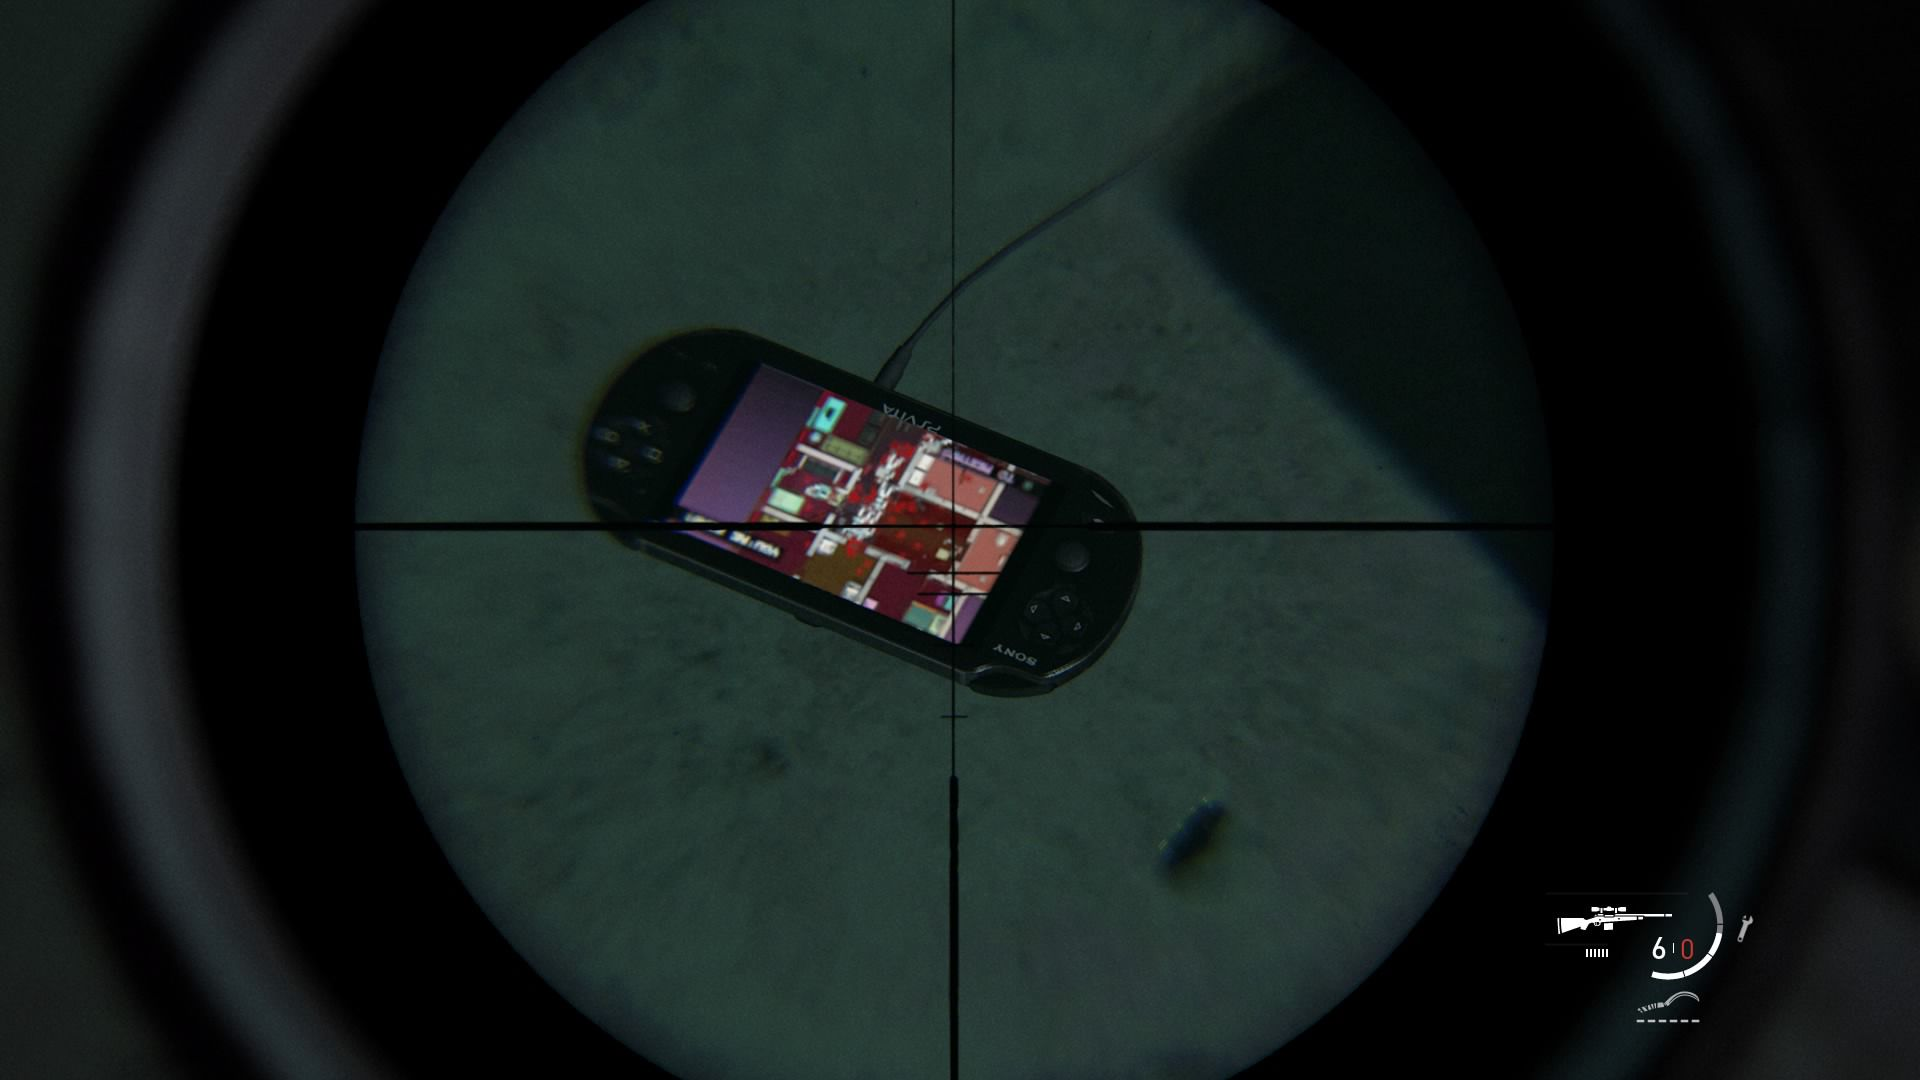 顽皮狗联合总裁谈最想为其制作游戏的5个IP